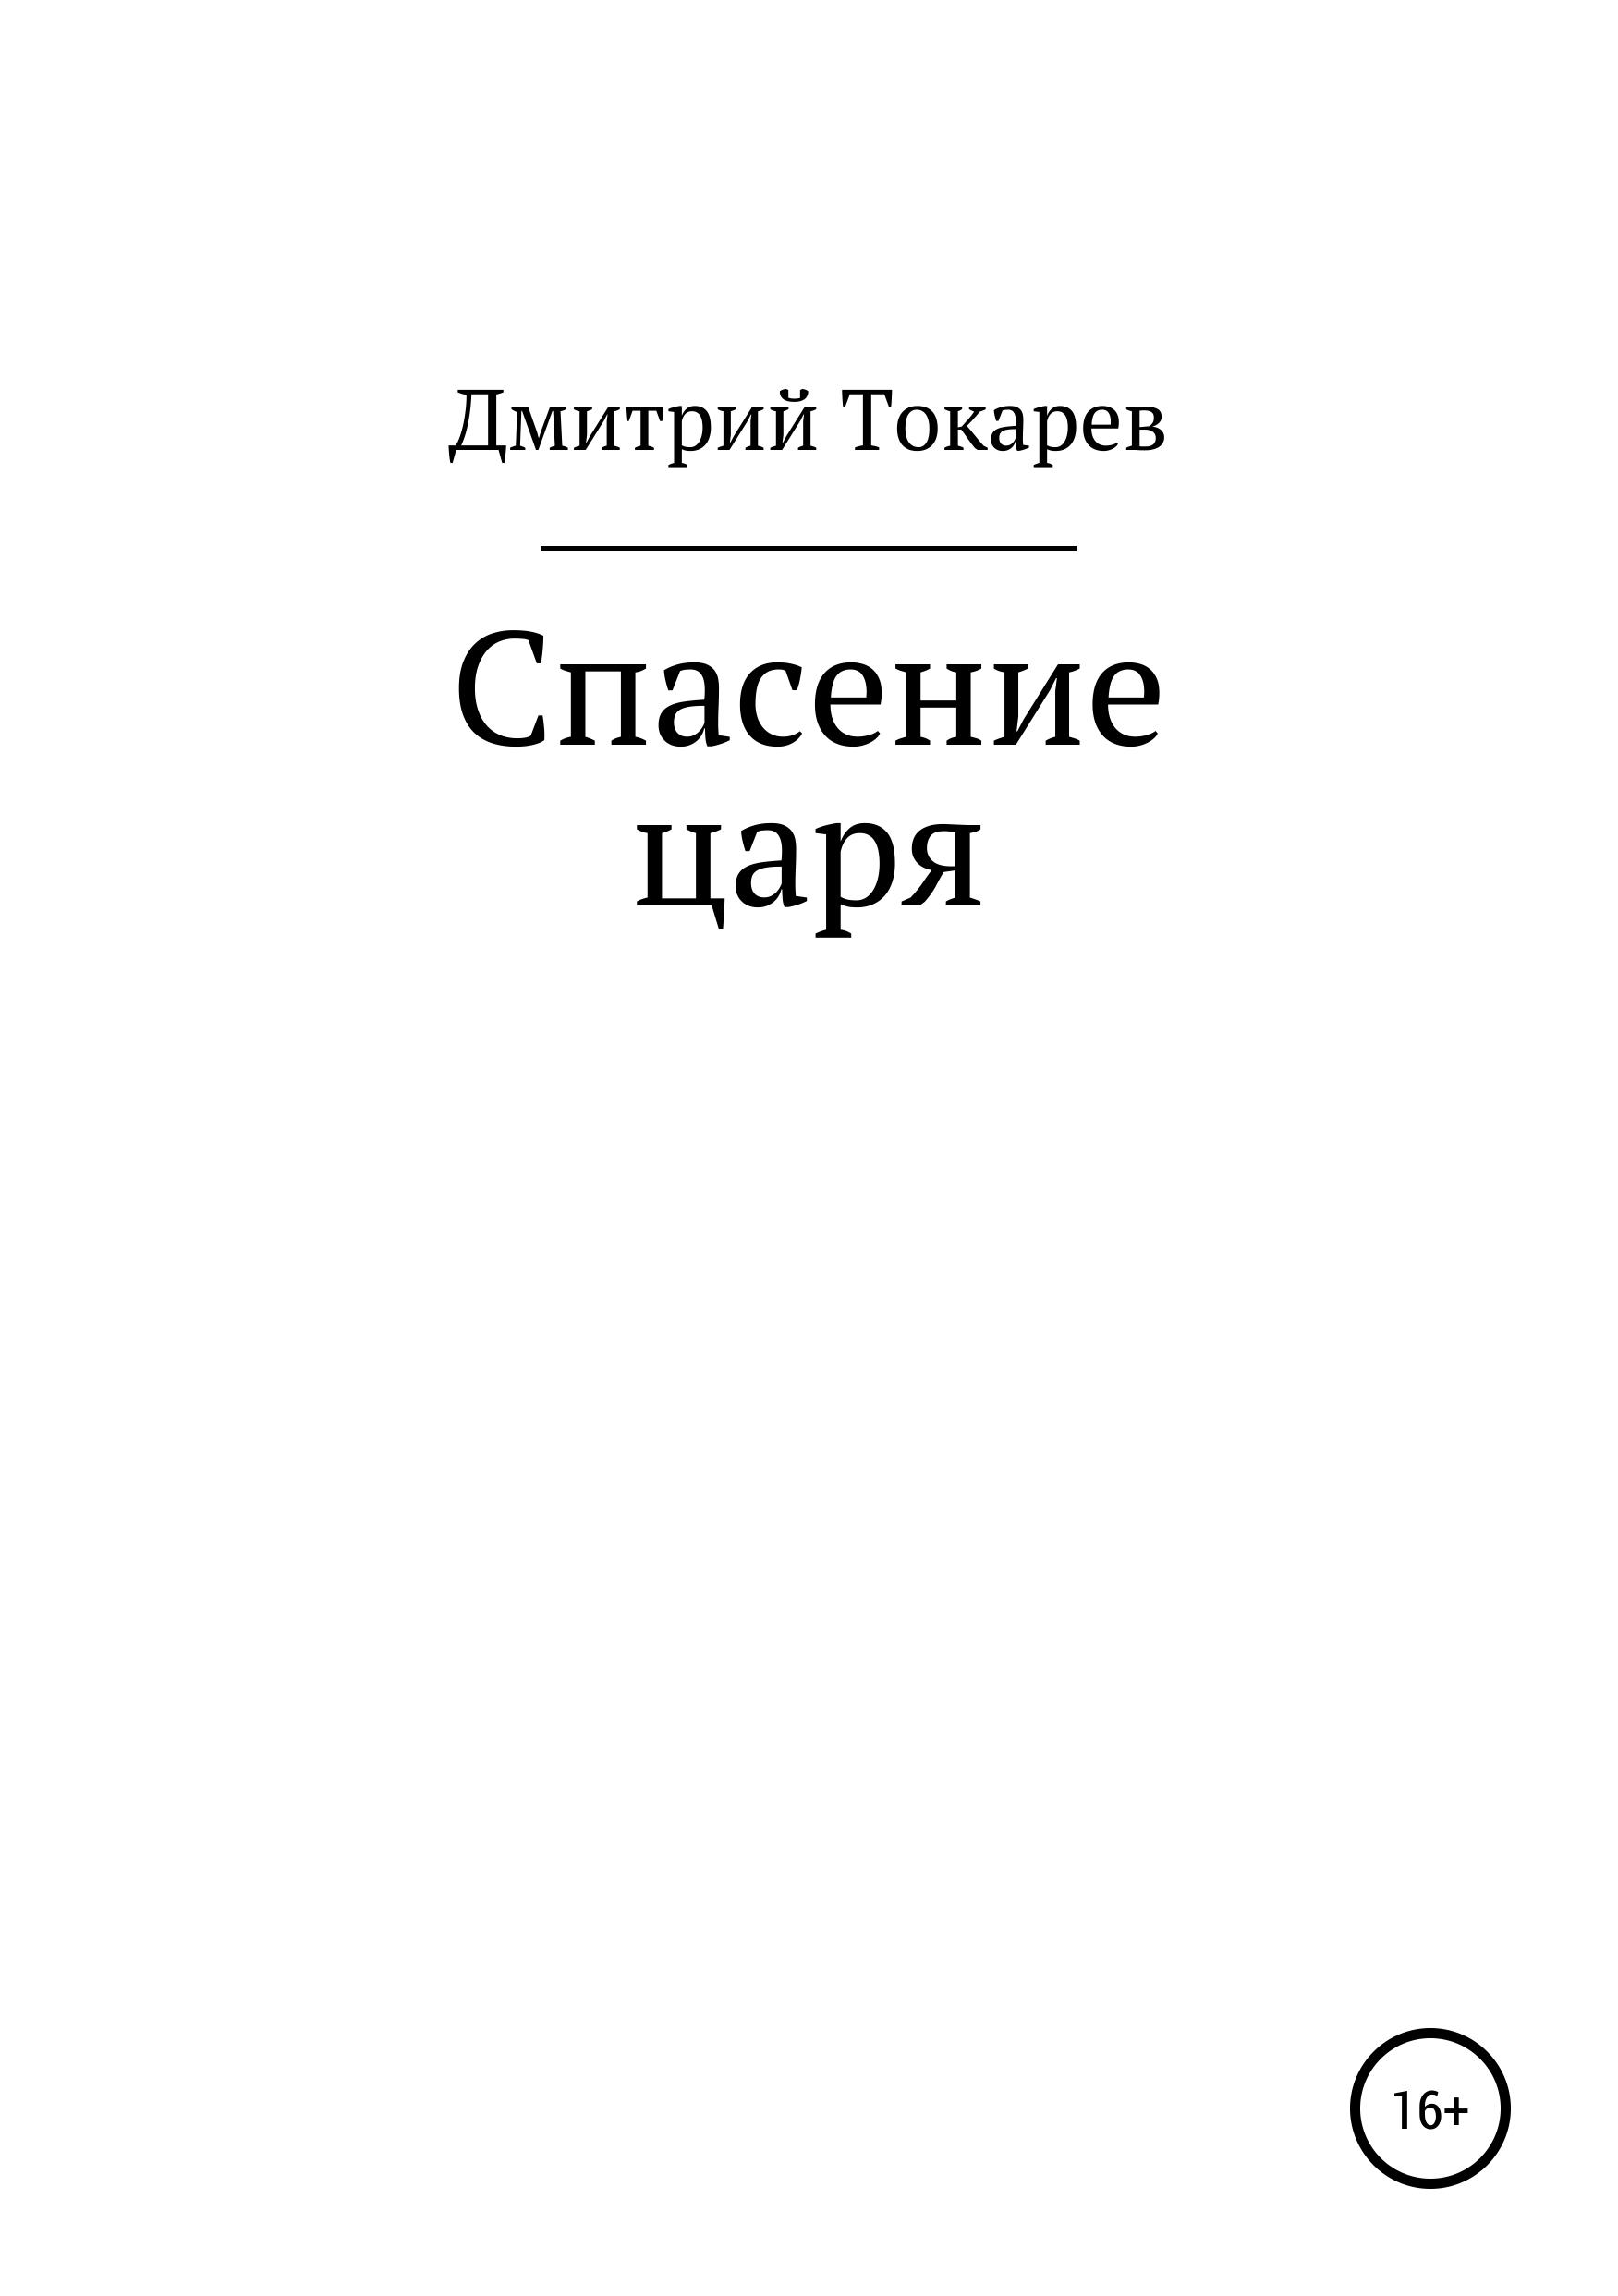 Дмитрий Токарев Спасение царя дмитрий георгиевич боррони ребекка путь во спасение